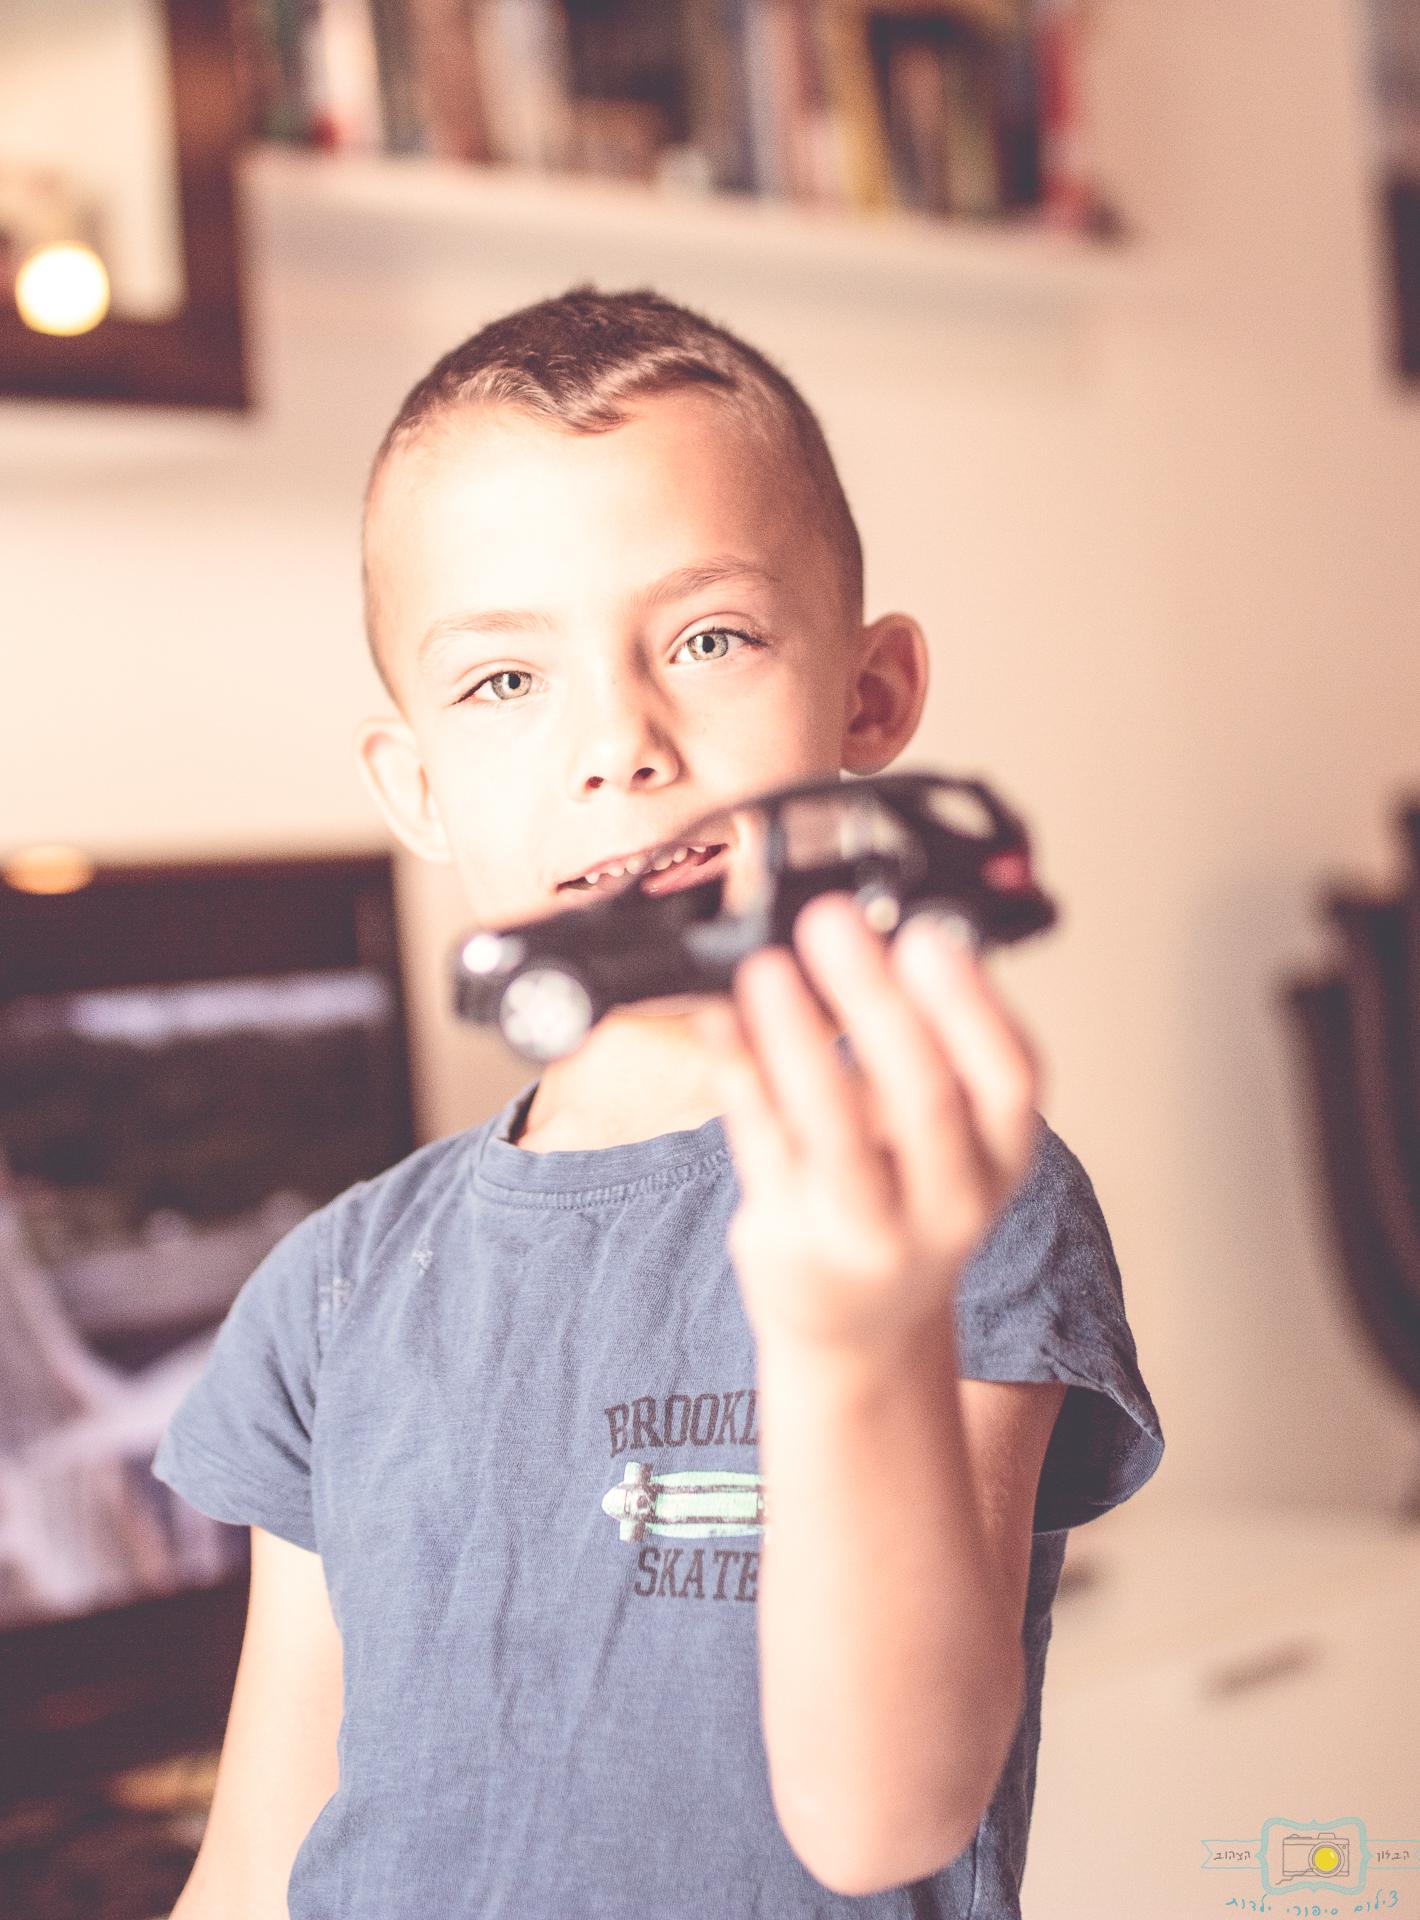 הבלון הצהוב- סטודיו לצילום ועיצוב גרפי IMG_0049-Edit צילום ילדים בבית- על  צילומי לייף סטייל שמעתם?